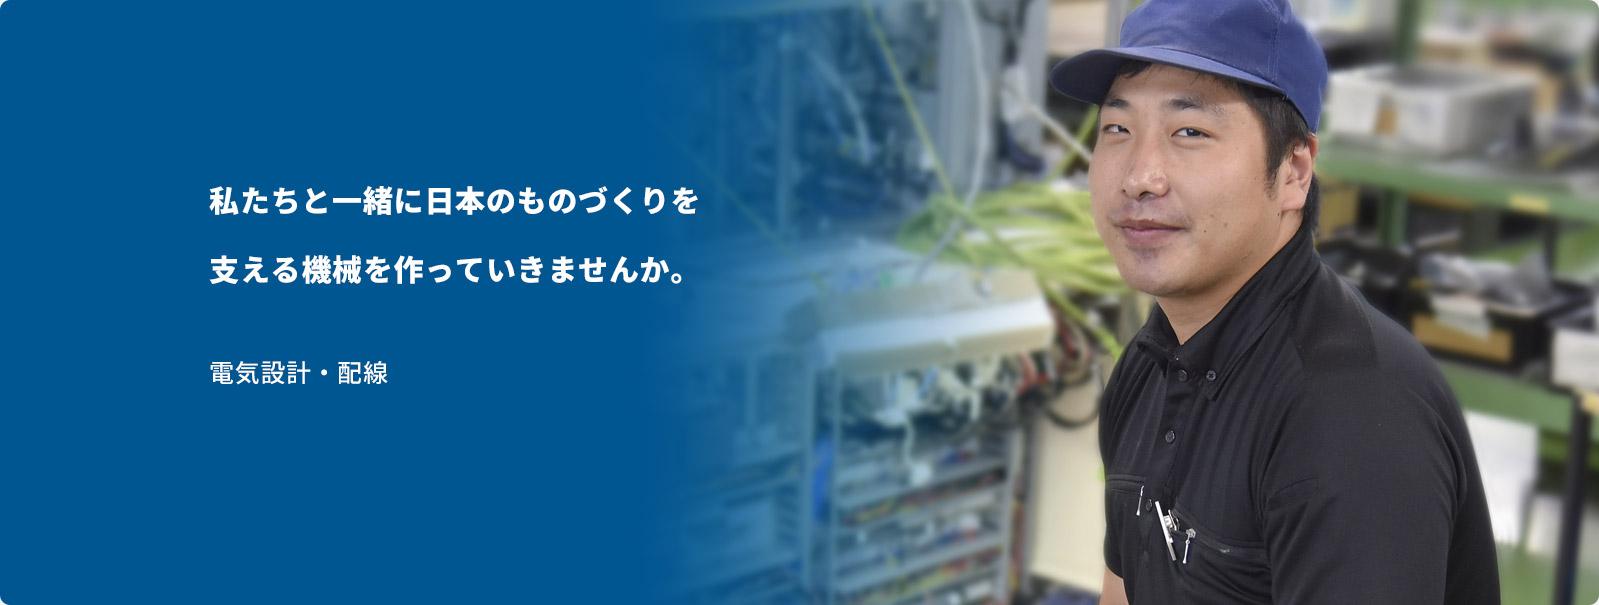 サンユー技研株式会社   社員   先輩の声2